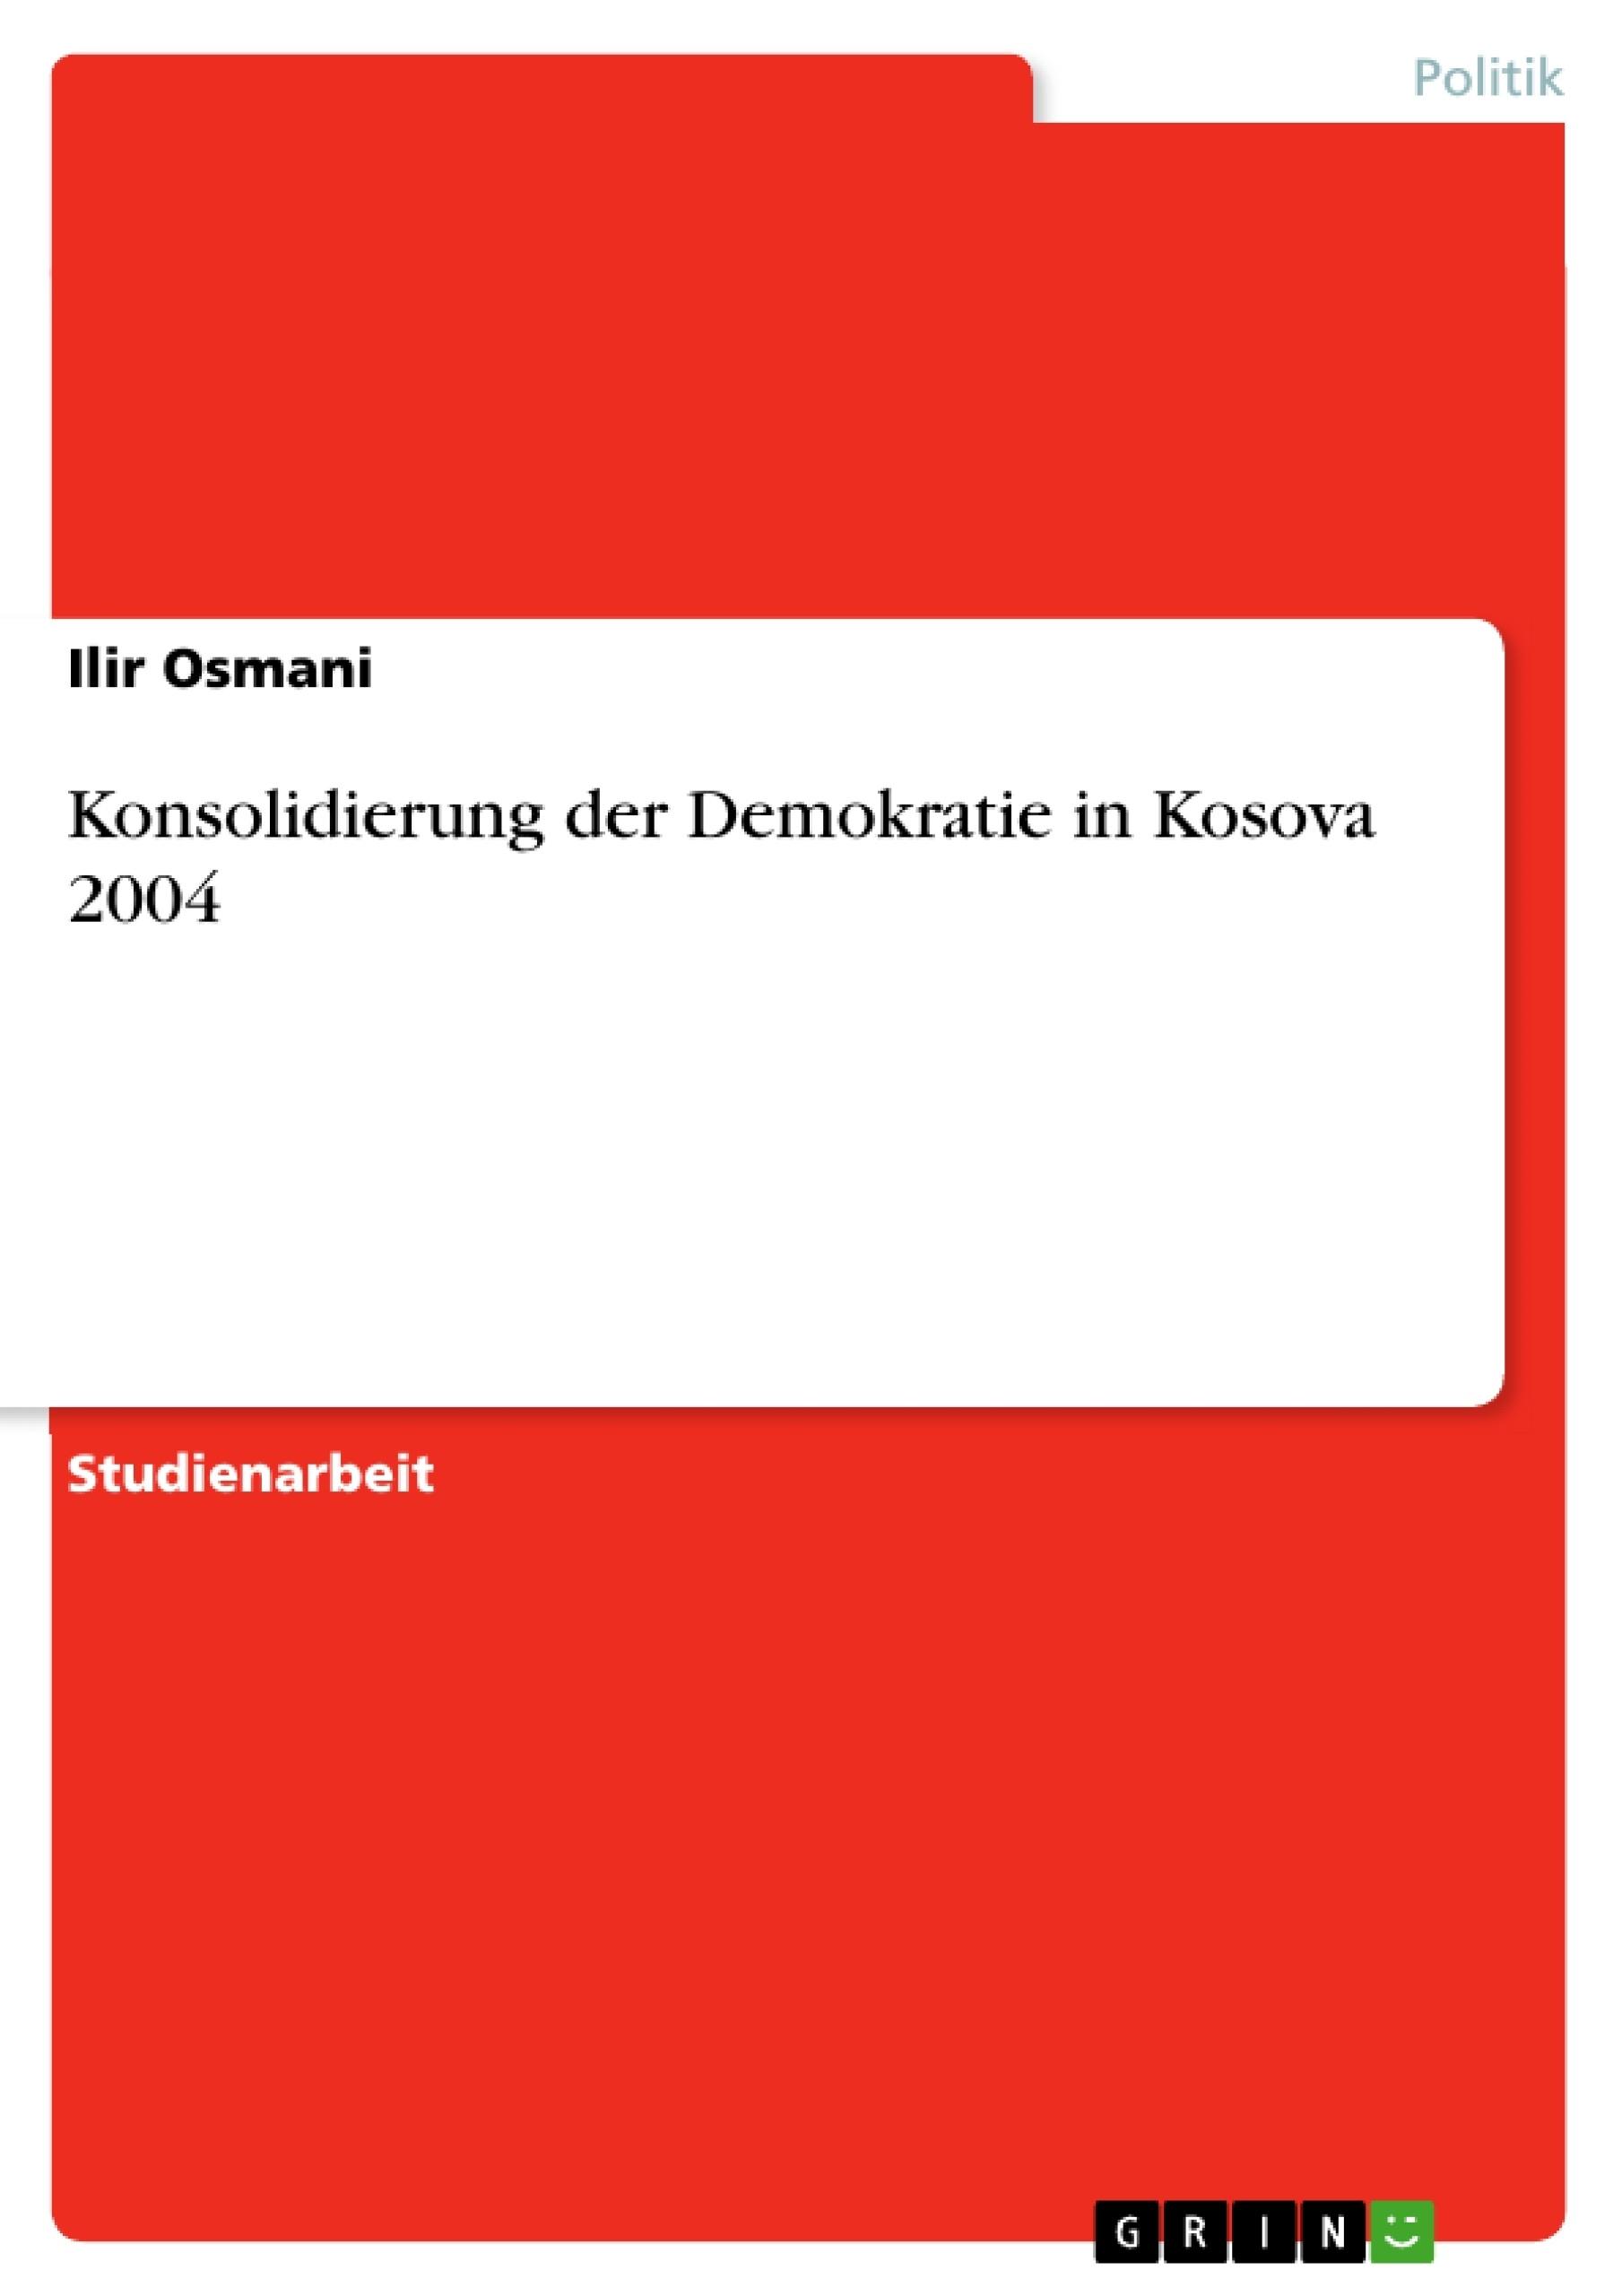 Titel: Konsolidierung der Demokratie in Kosova 2004